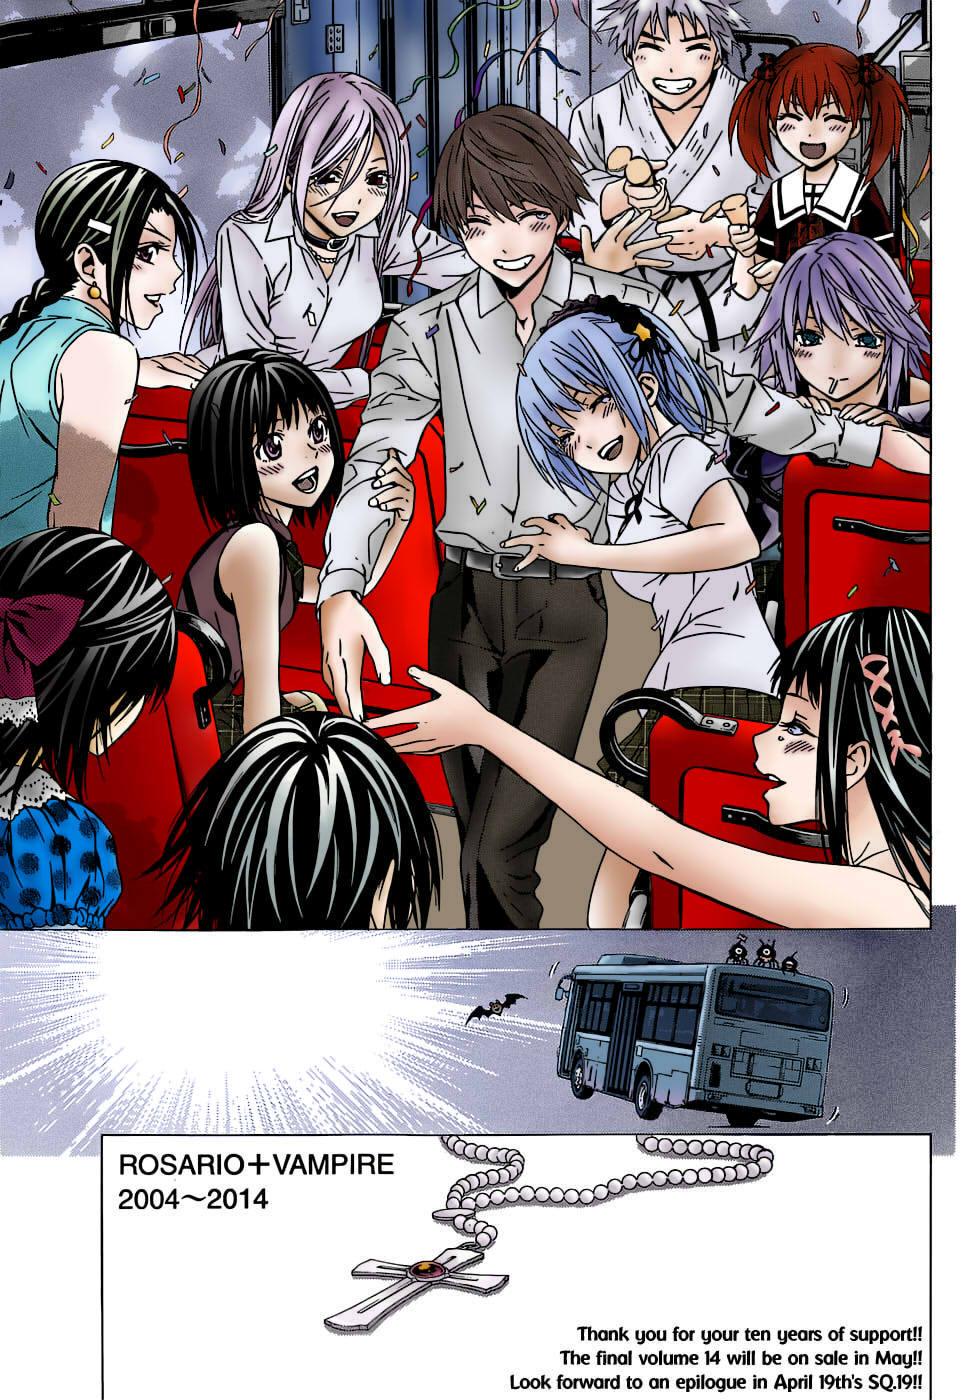 Anime De Rosario Vampire rosario+vampire- ending (manga)yellenatheblackwomen on